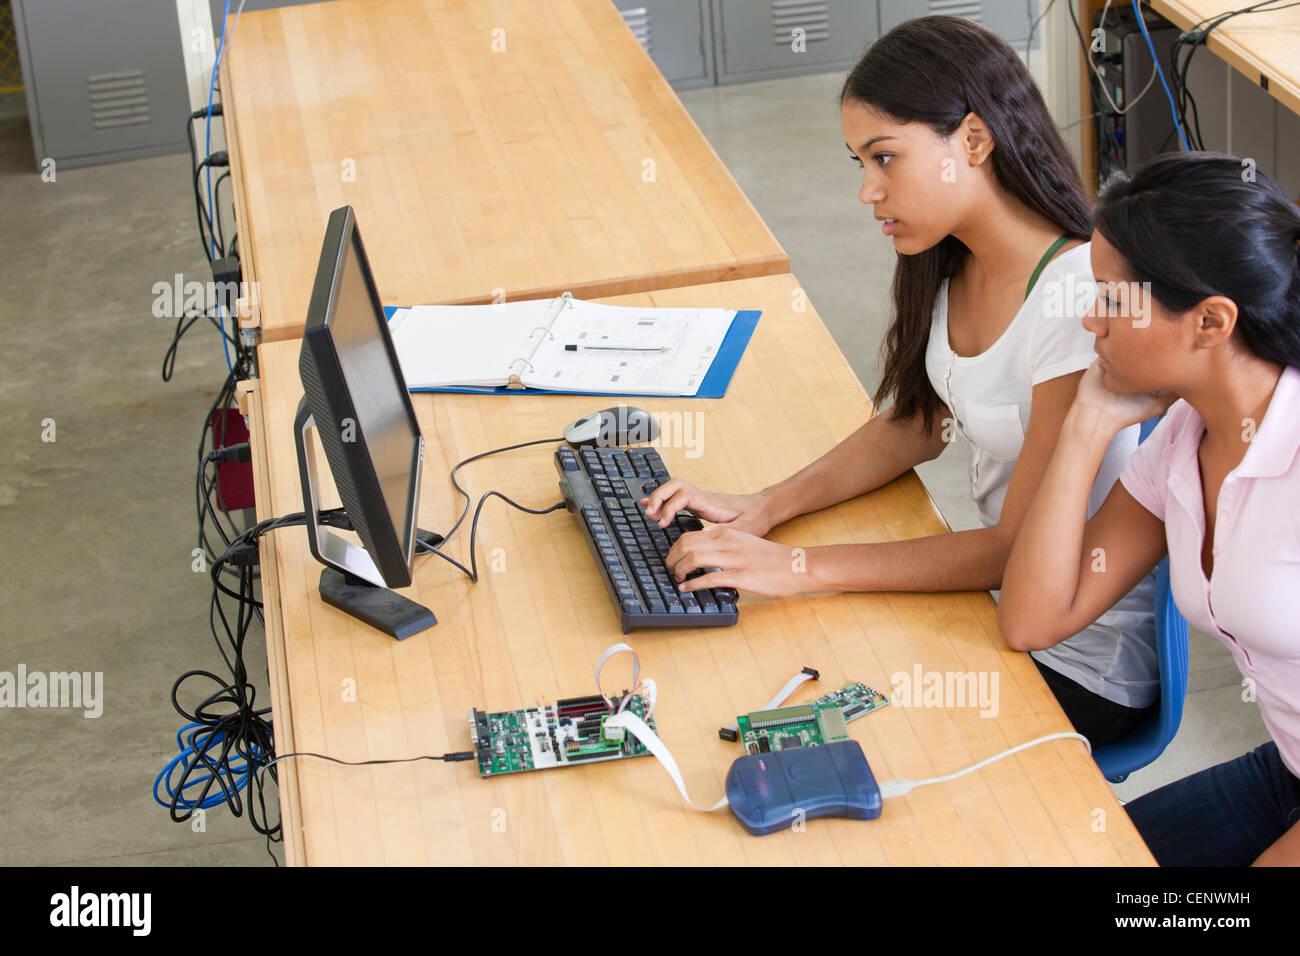 Los estudiantes de ingeniería en equipo utilizando el emulador en circuito Imagen De Stock